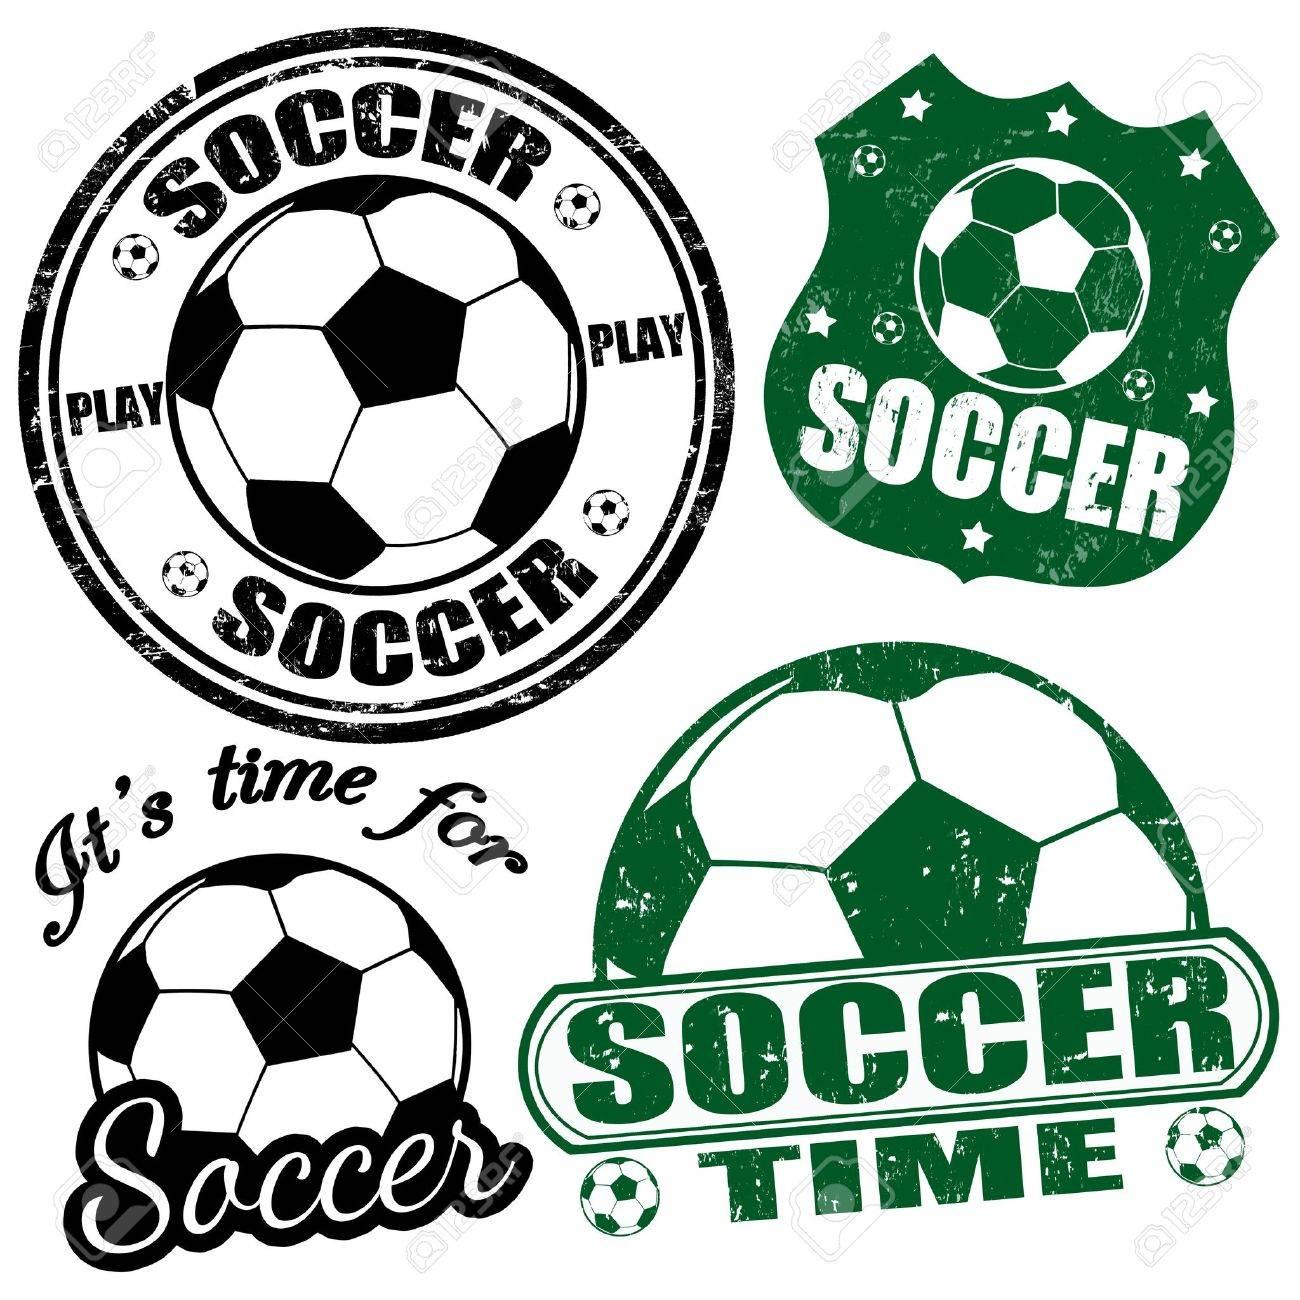 Set of soccer grunge rubber stamps illustration Stock Vector - 19424006